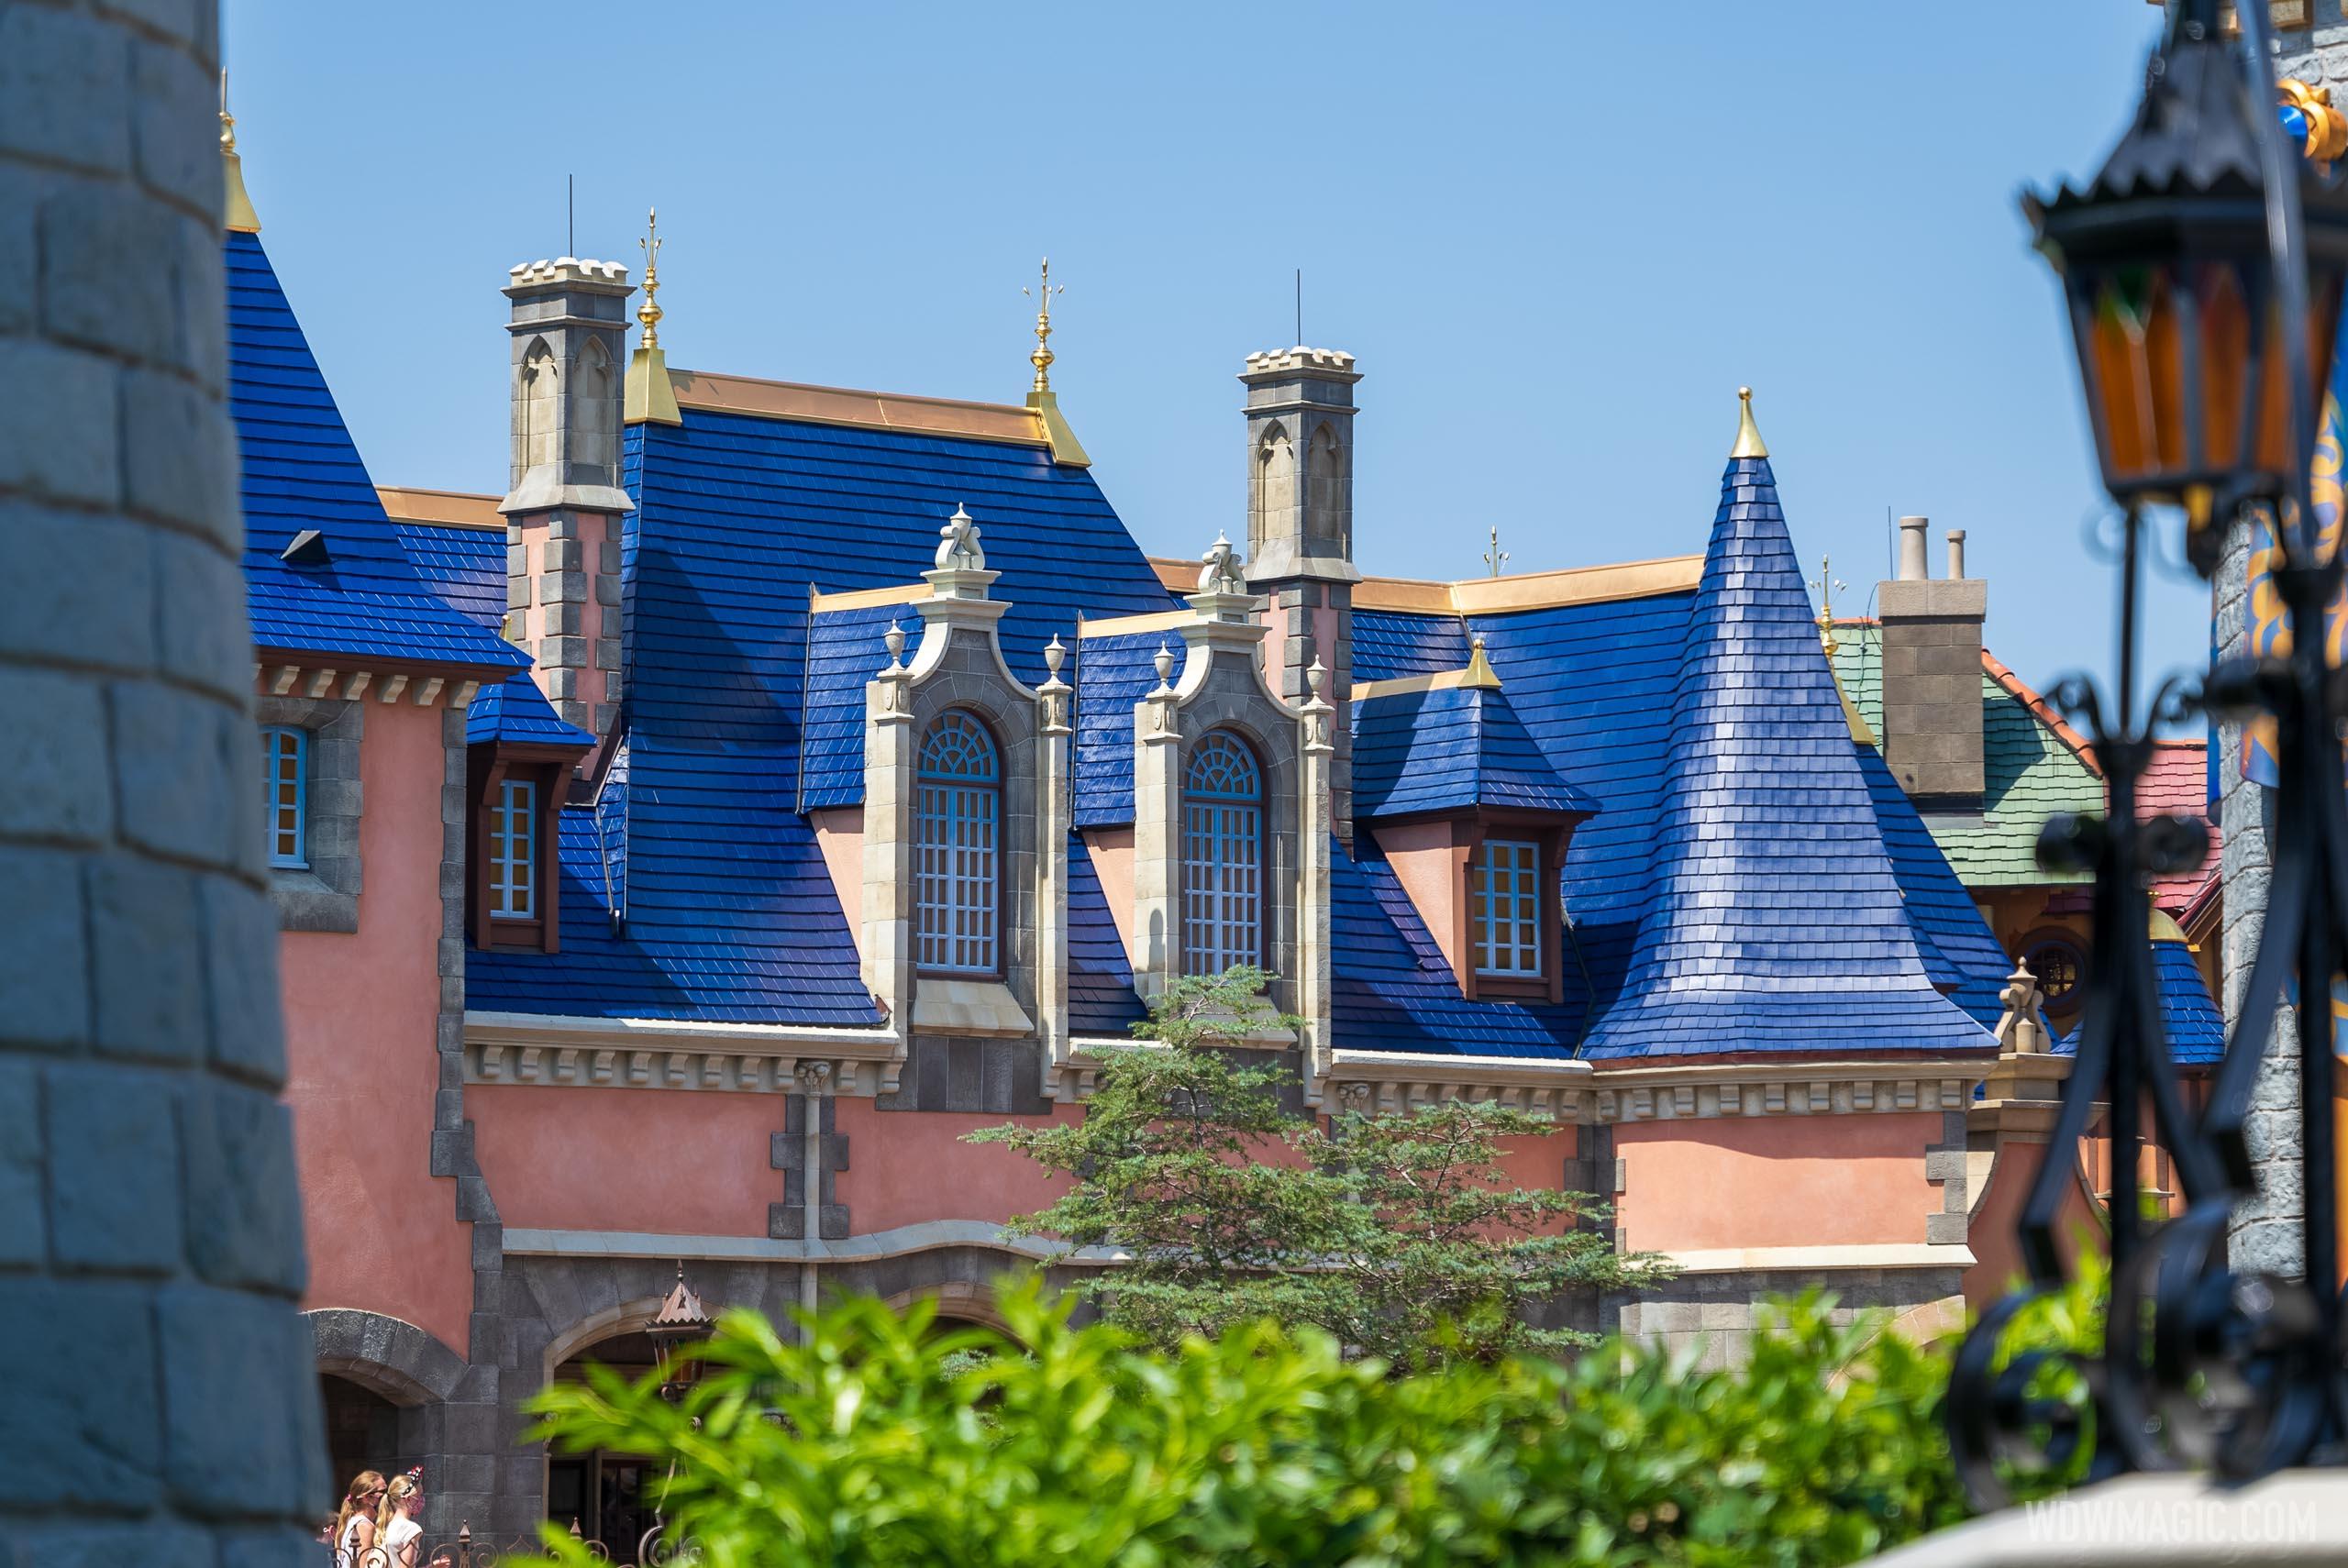 Fantasyland roofline refurbishments - April 2021